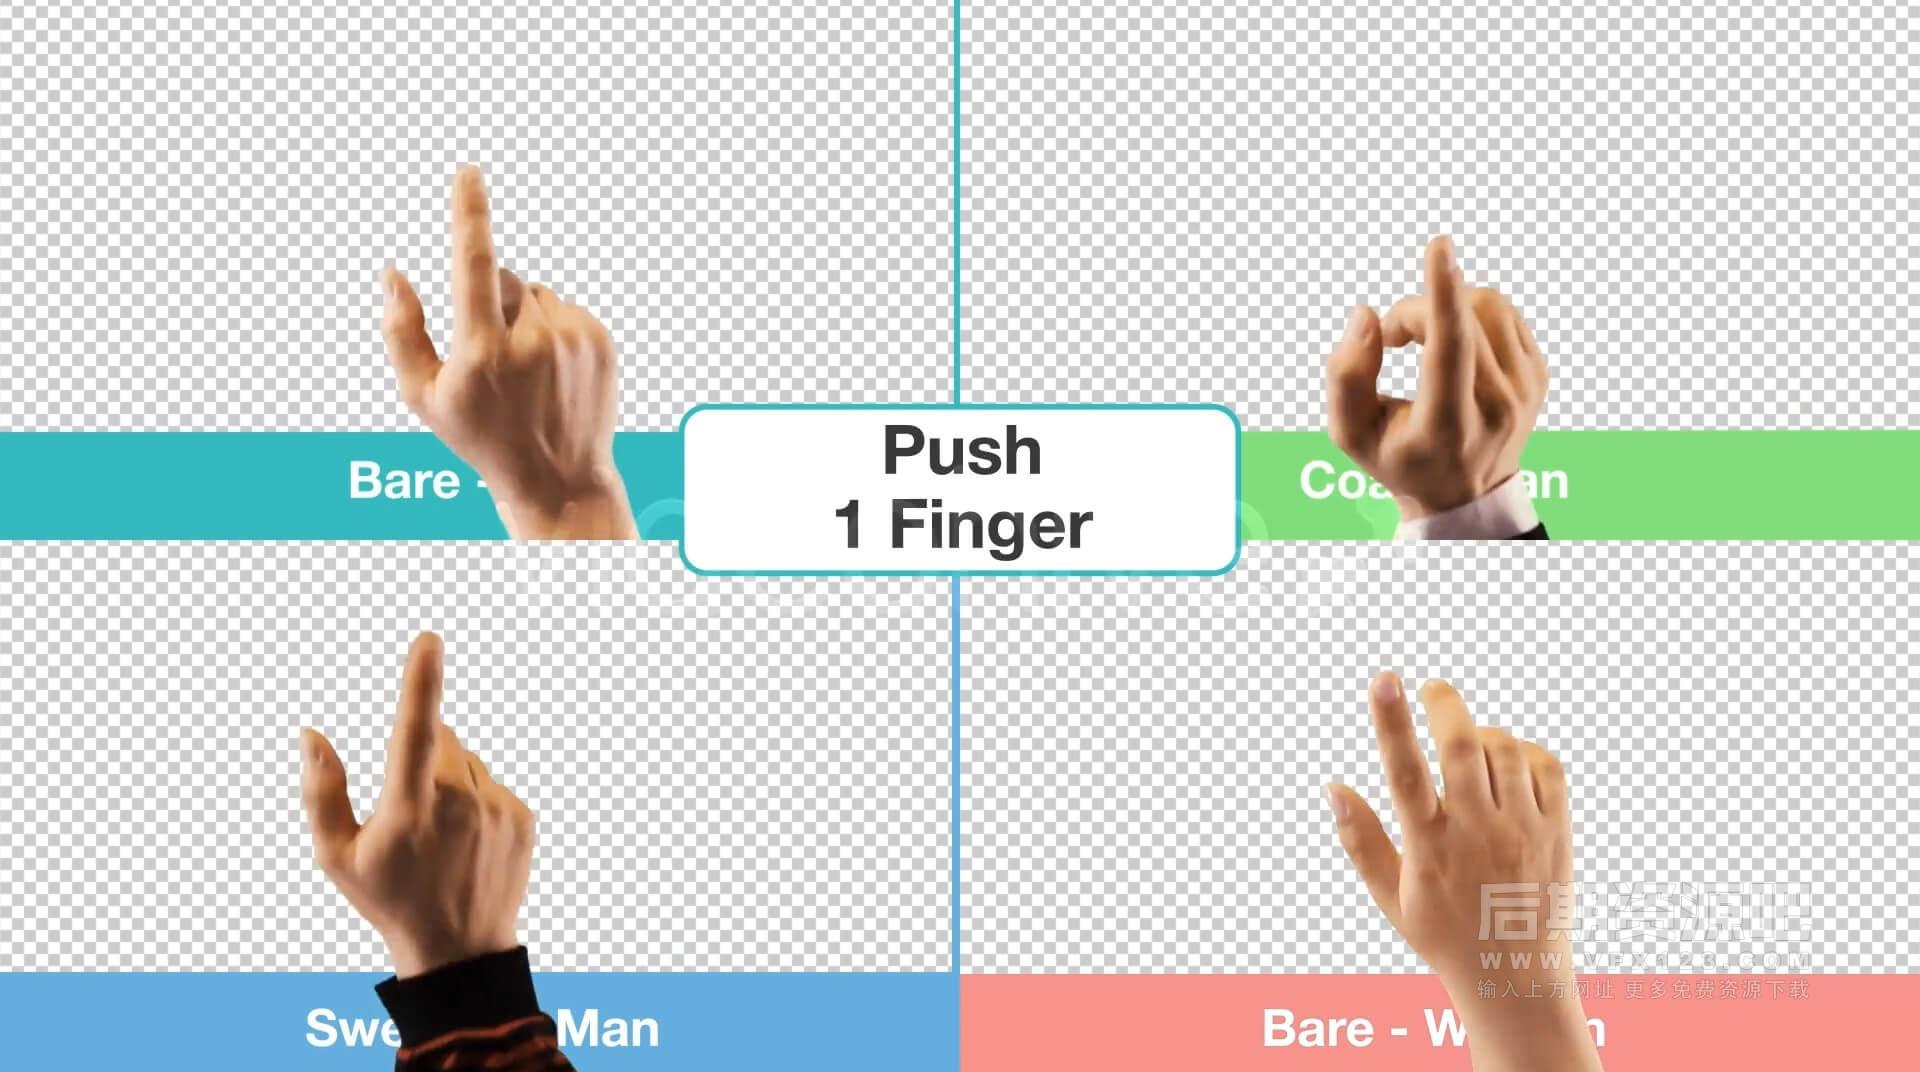 视频素材 点击交互触摸滚动滑动设备操作手势集合 Hand Touch Gestures